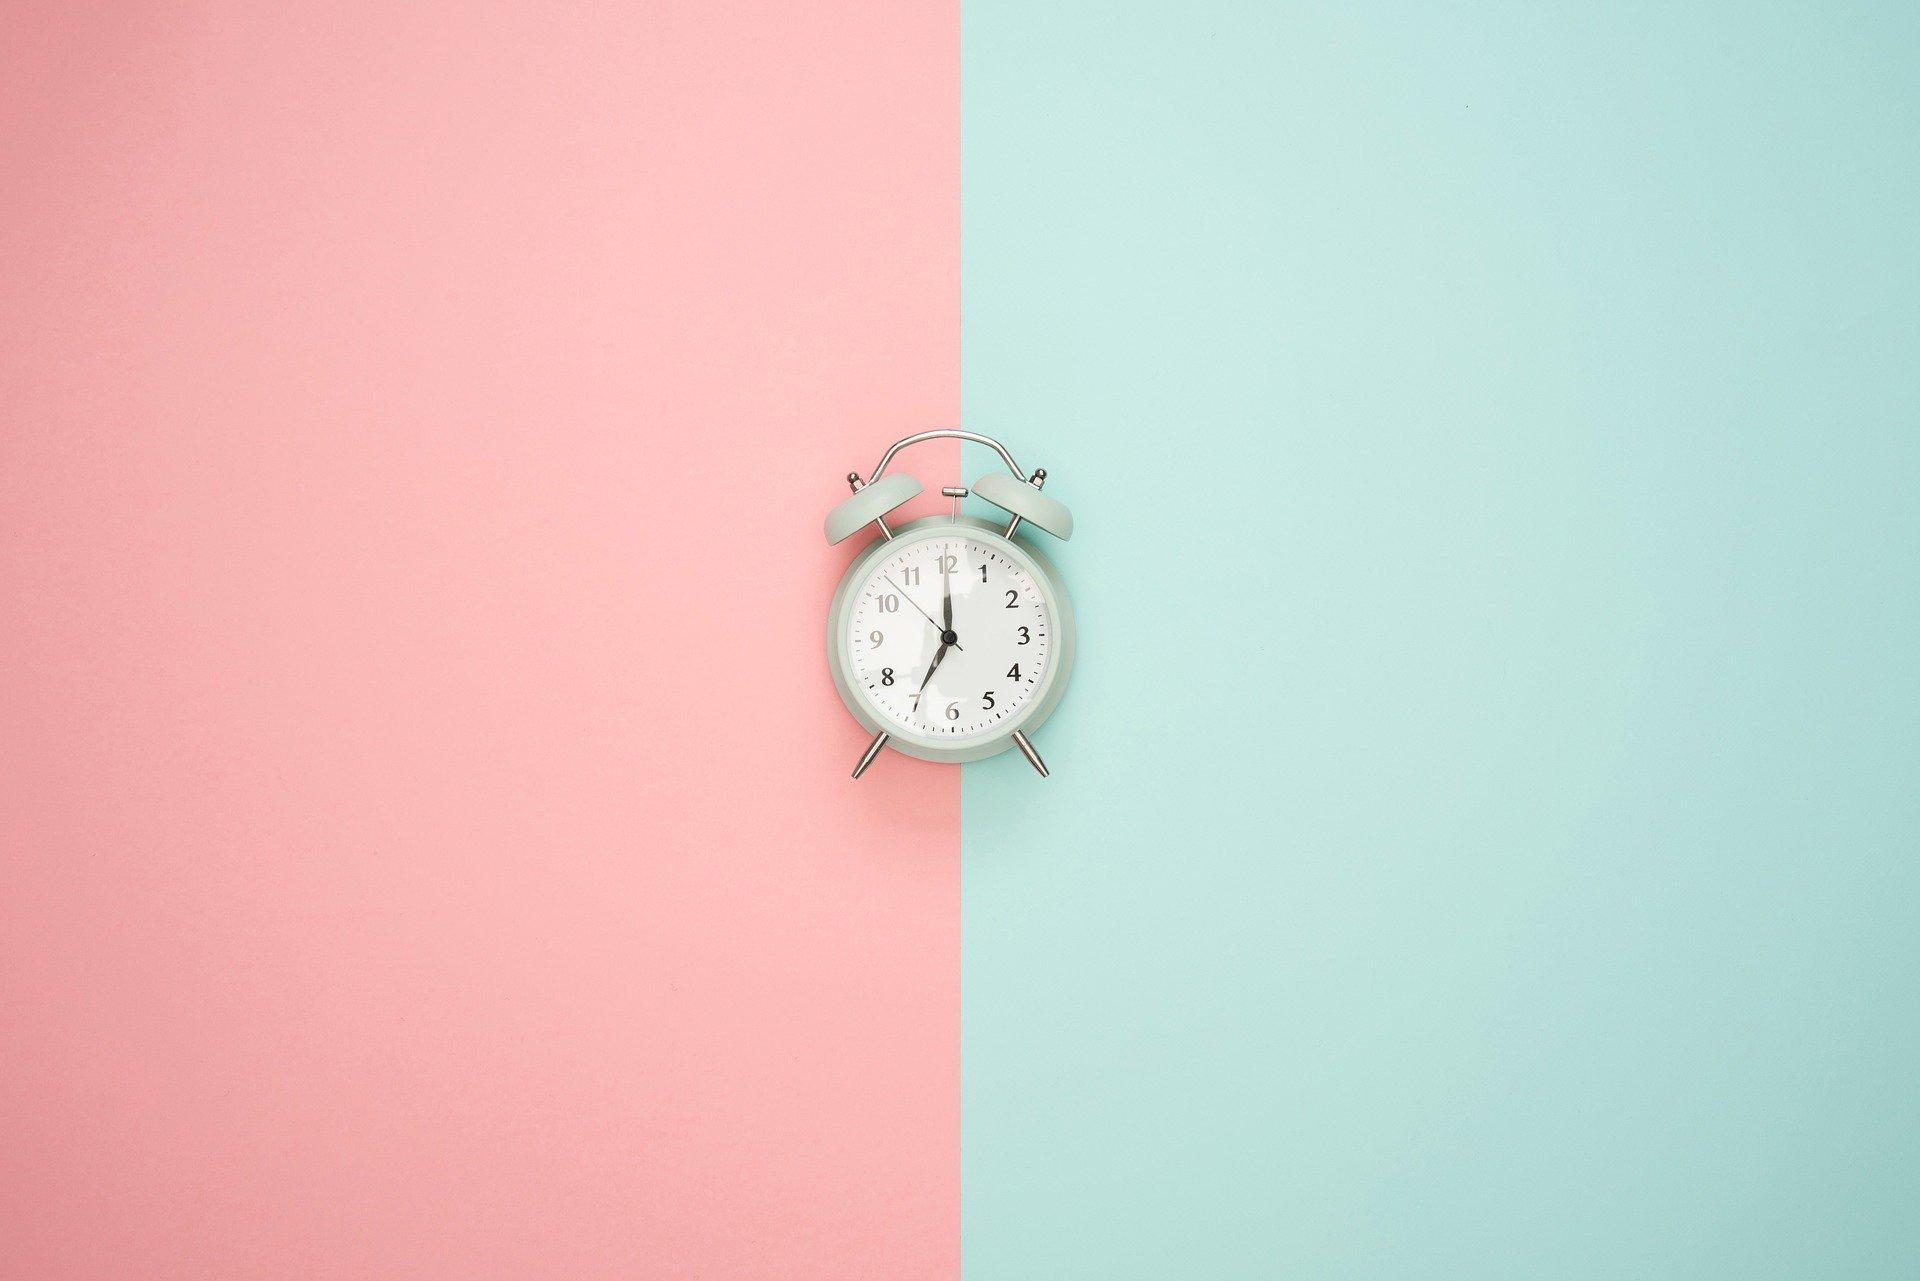 Relógio antigo em uma parede colorida